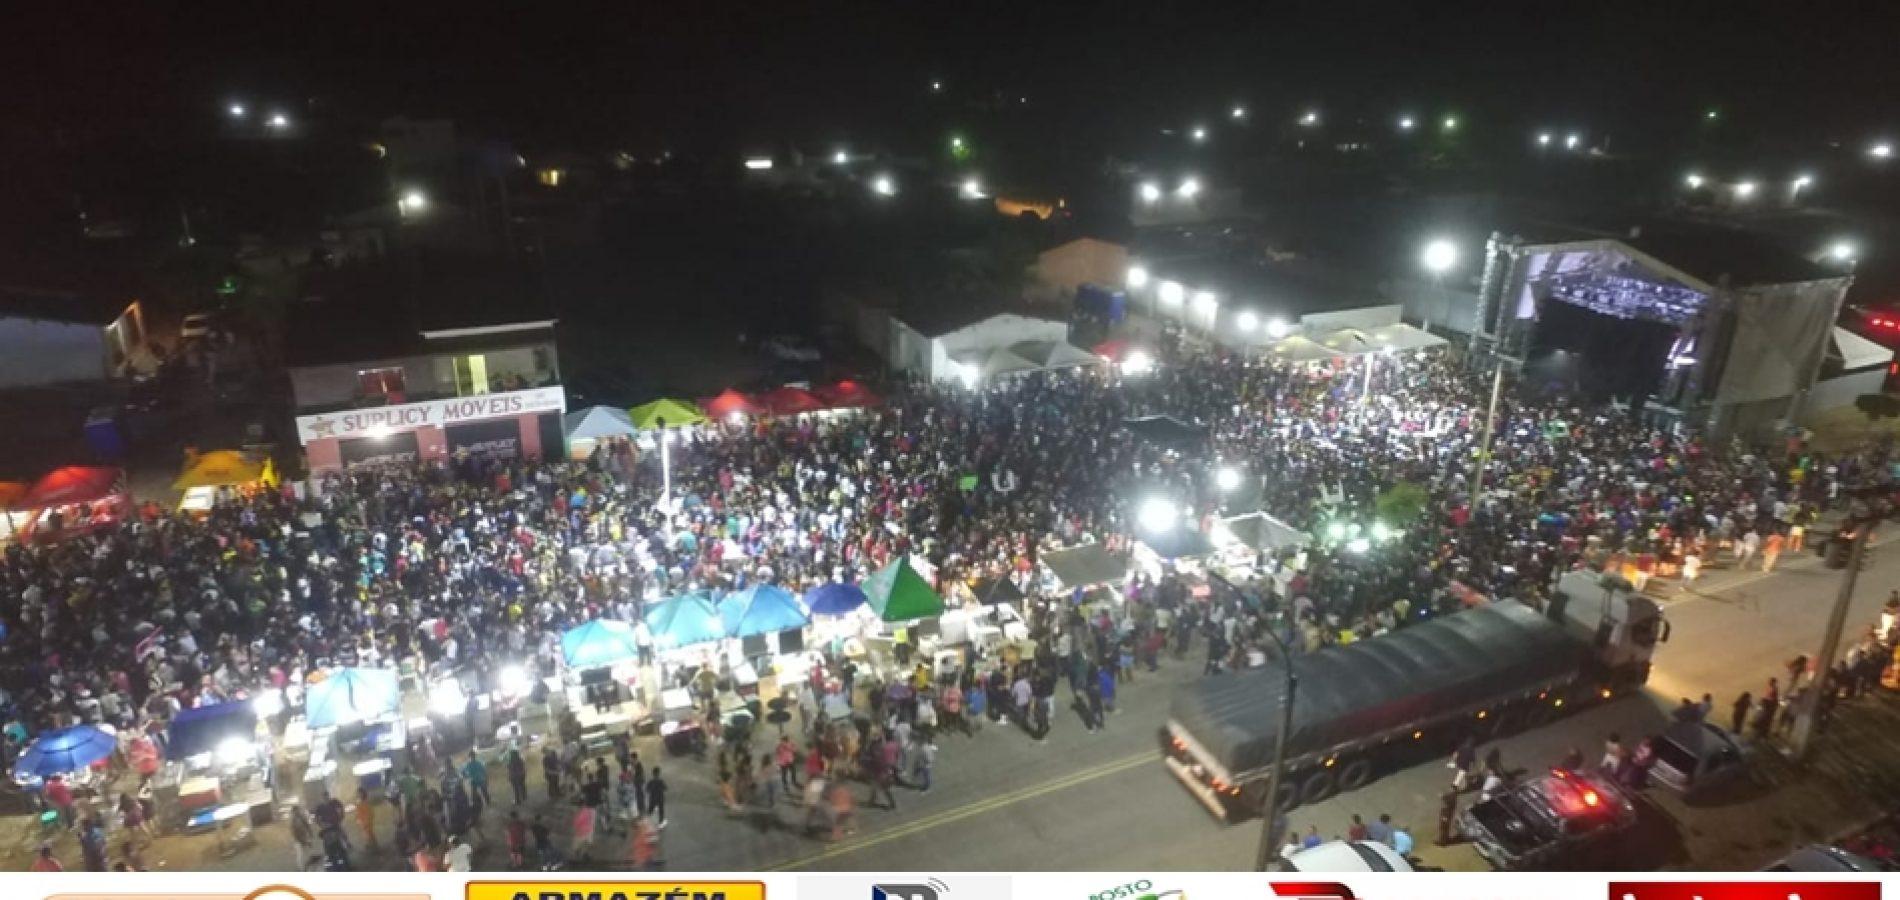 Veja as fotos dos shows comemorativos ao aniversário de 26 anos de Campo Grande do Piauí